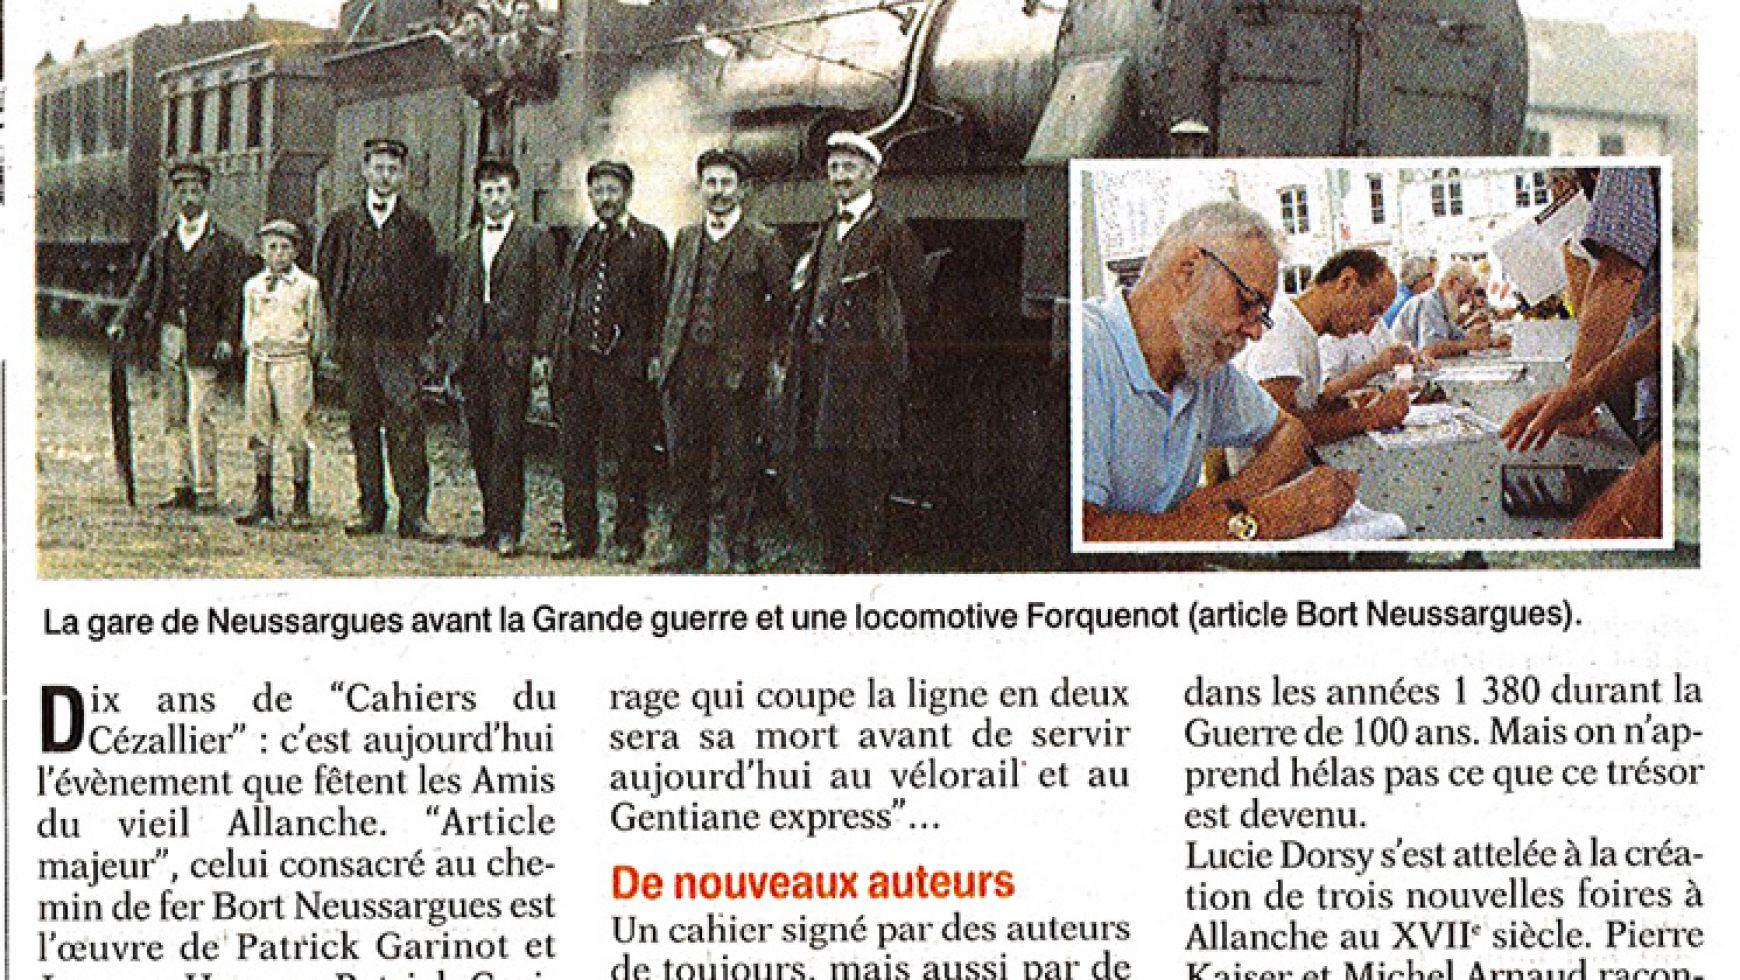 Dix ans de publication pour les Amis du Vieil Allanche – L'Union du Cantal – 09-12 Aout 2017